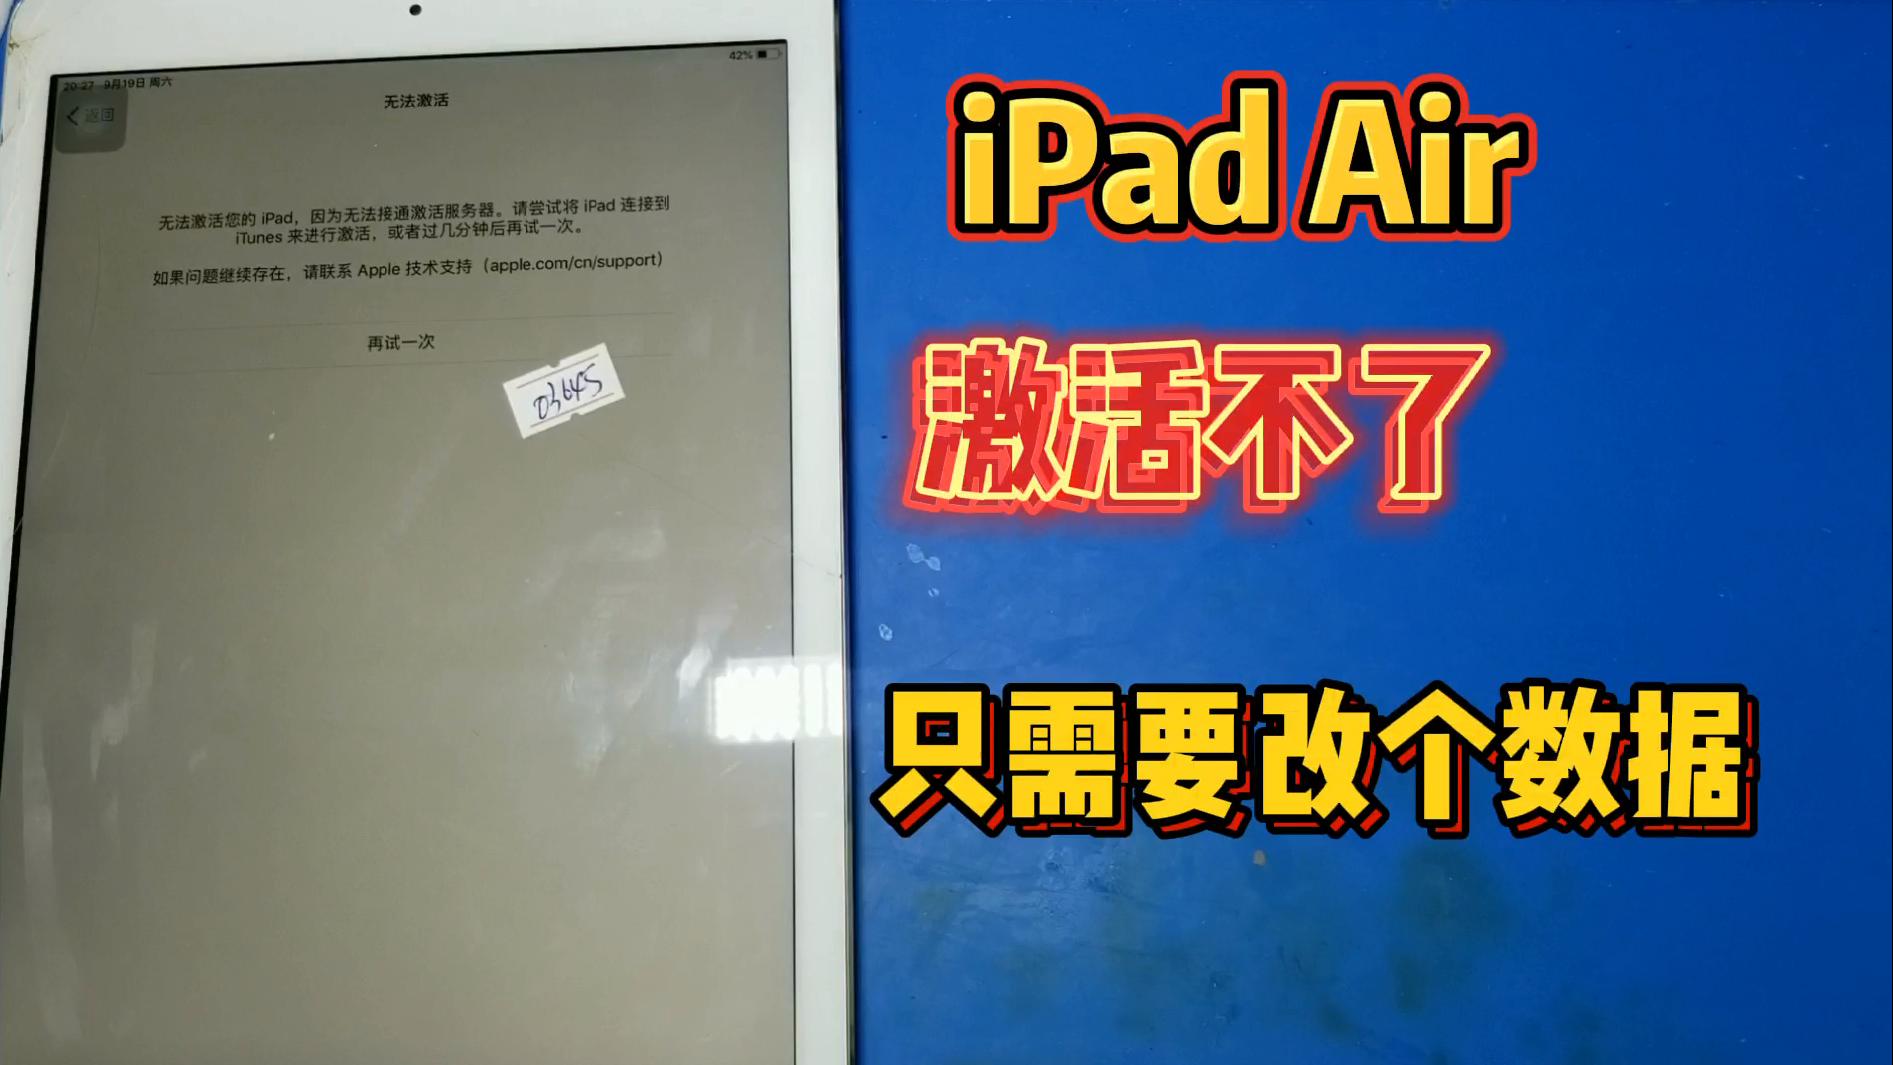 iPad Air刷机后不能激活,不要着急,改个数据刷个机,满血复活